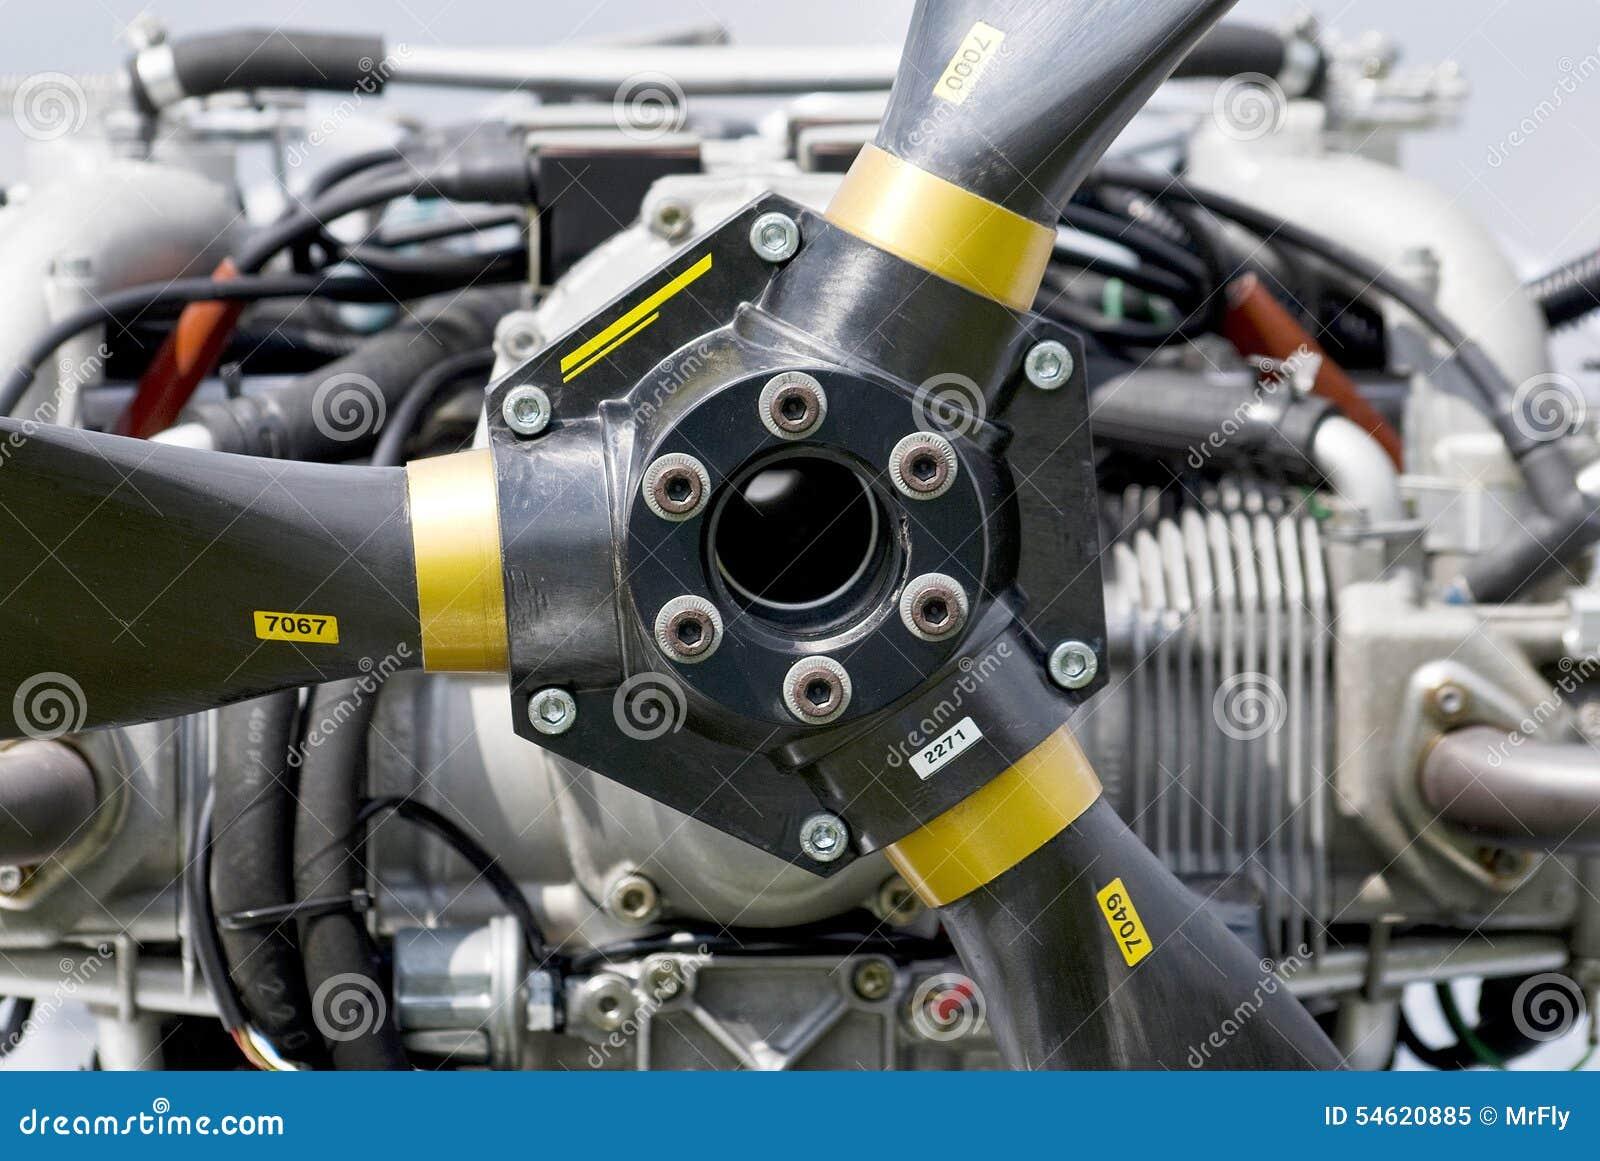 Motor opuesto aviacion